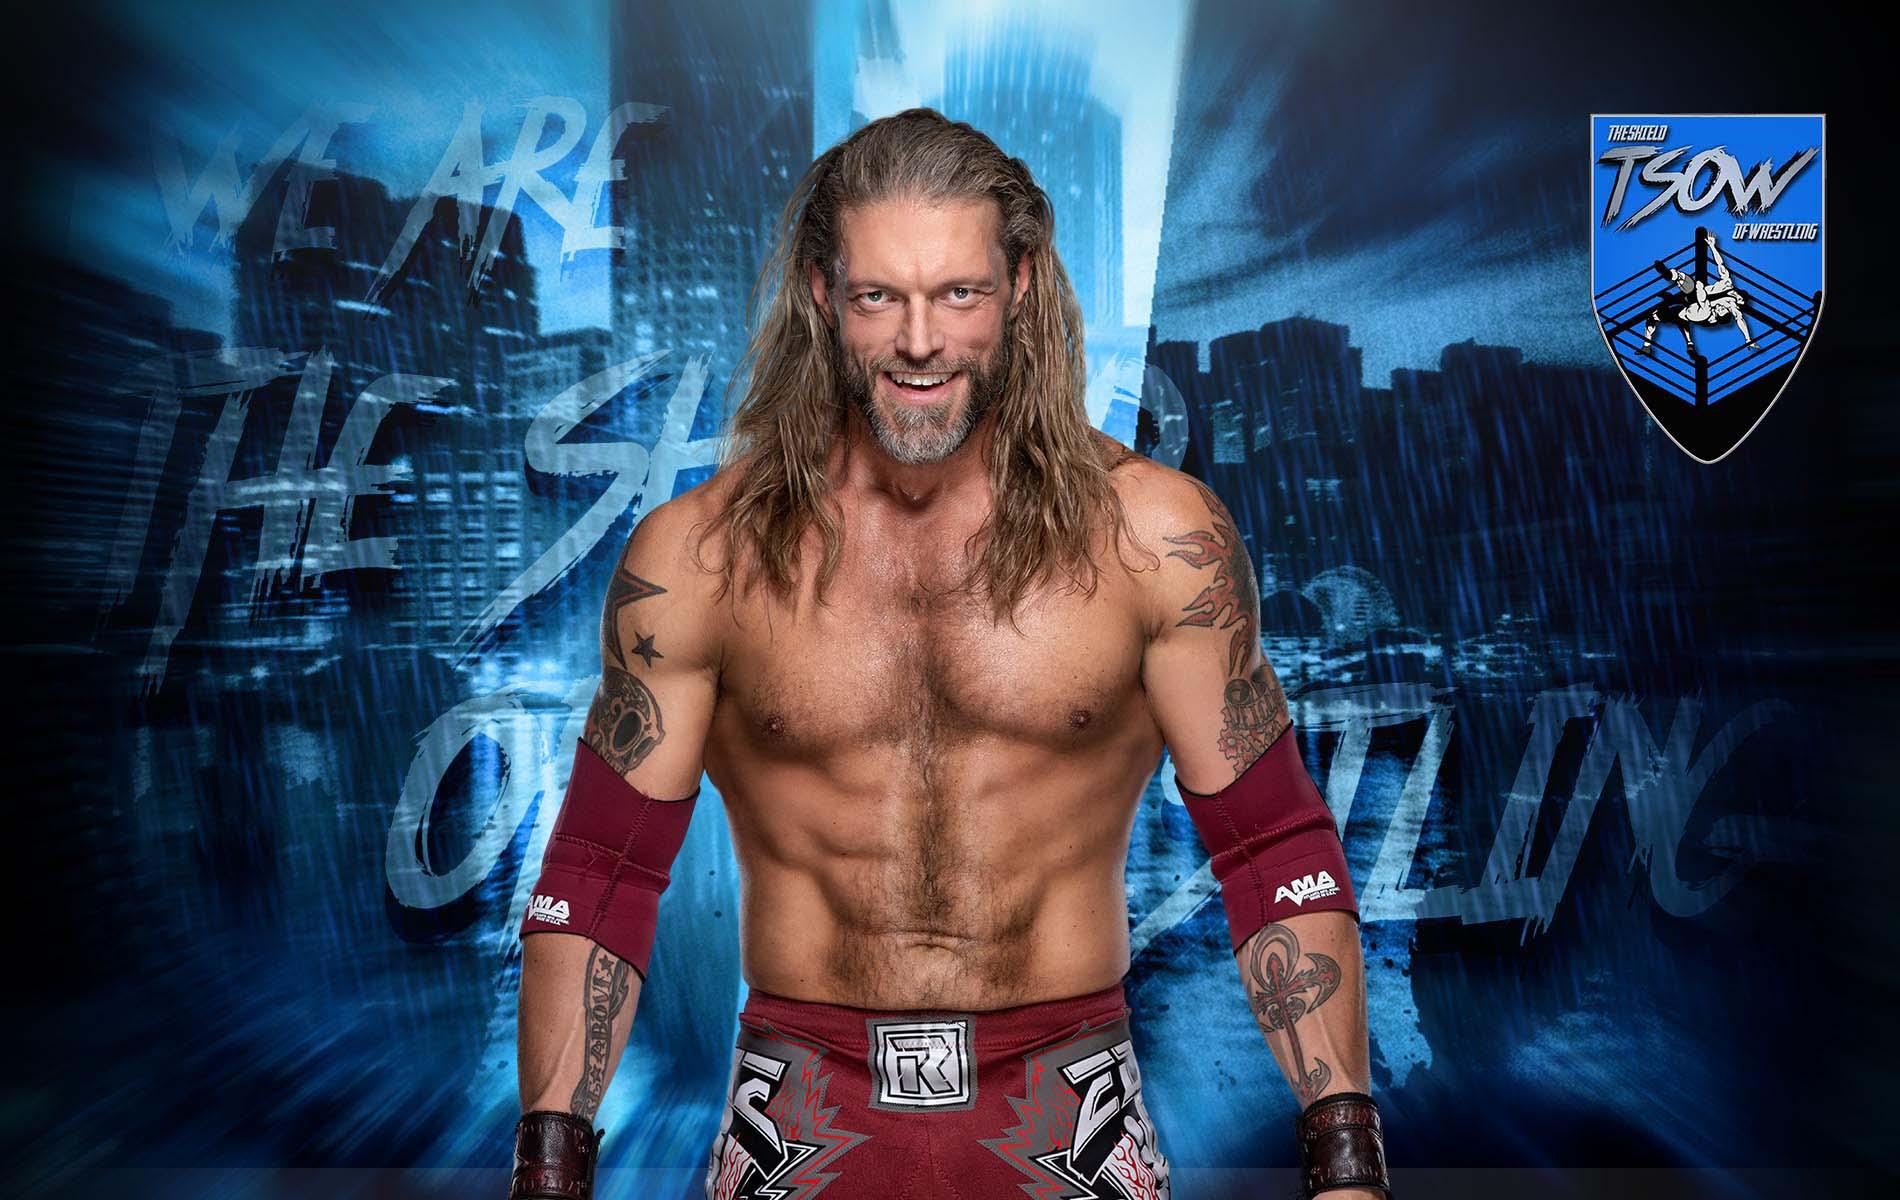 Edge: pubblicizzato il suo ritorno in WWE